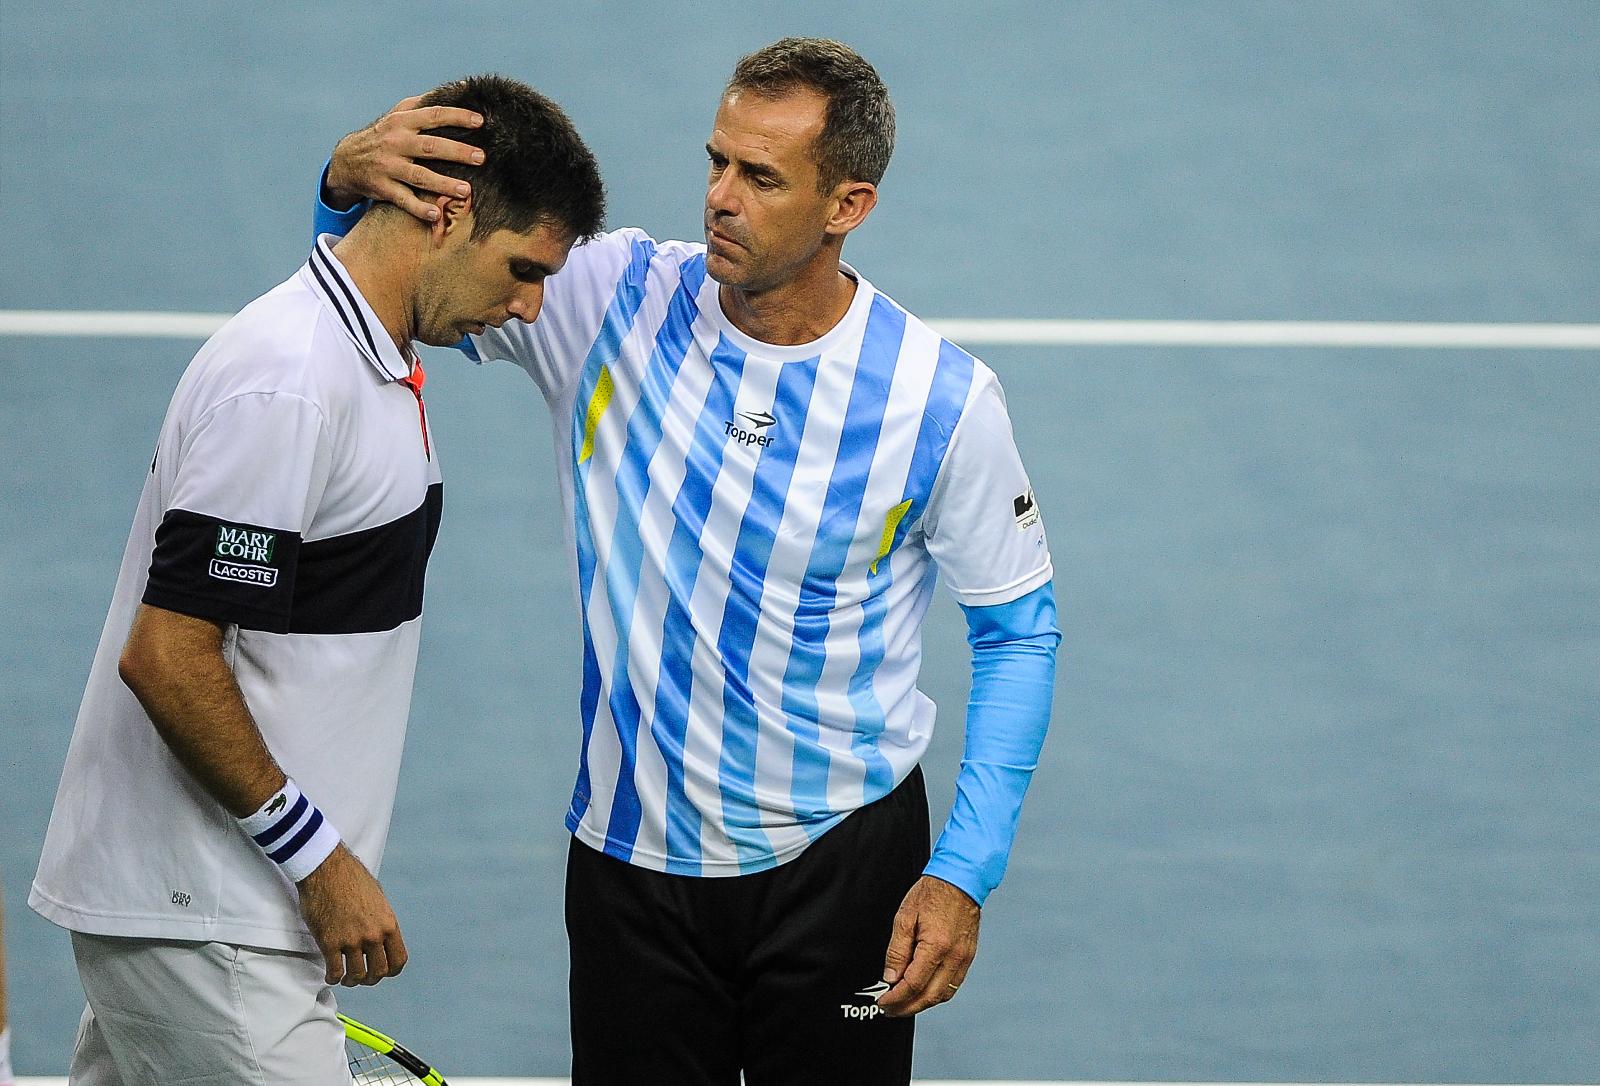 Delbonis, es consolado por el DT Daniel Orsanic, luego de caer contra Marin Cilic.